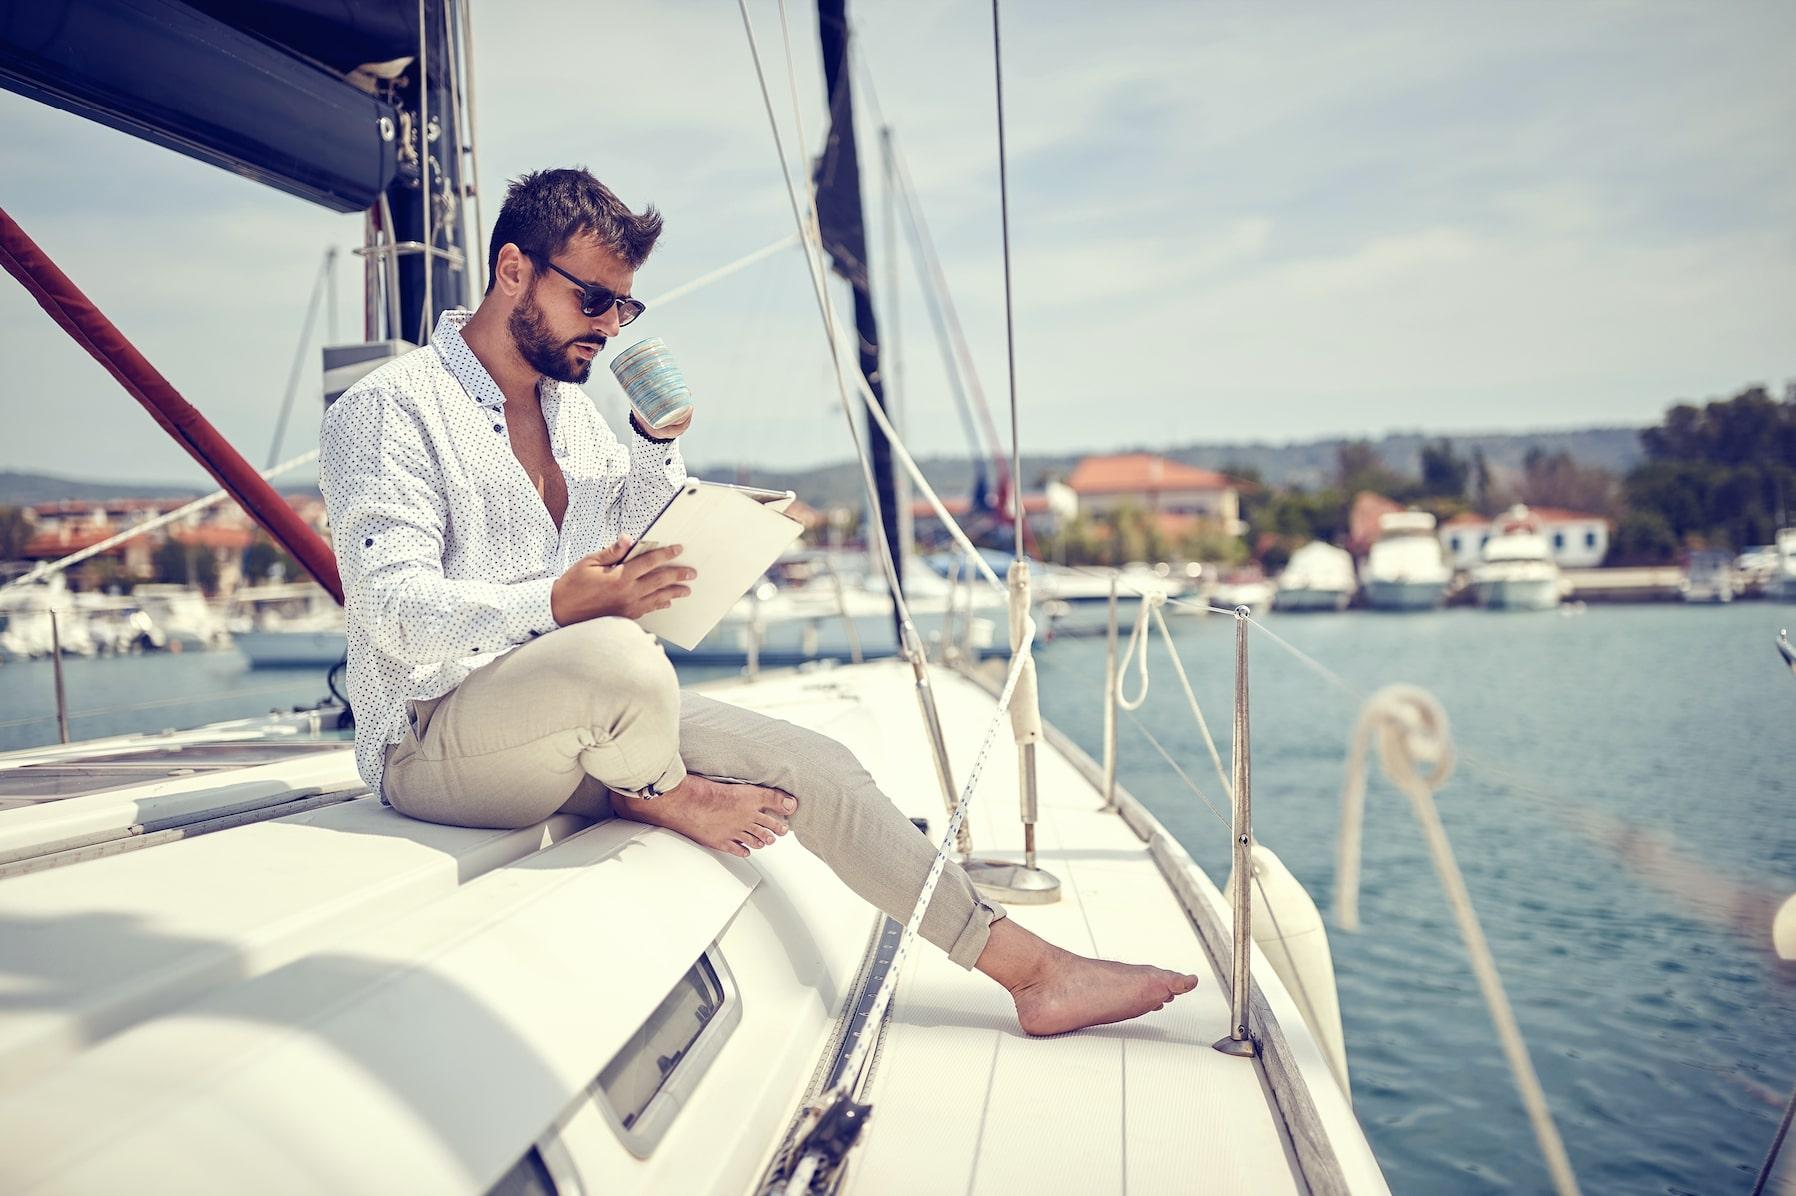 Hoe schrijf je een gekwalificeerde advertentie voor je boot?